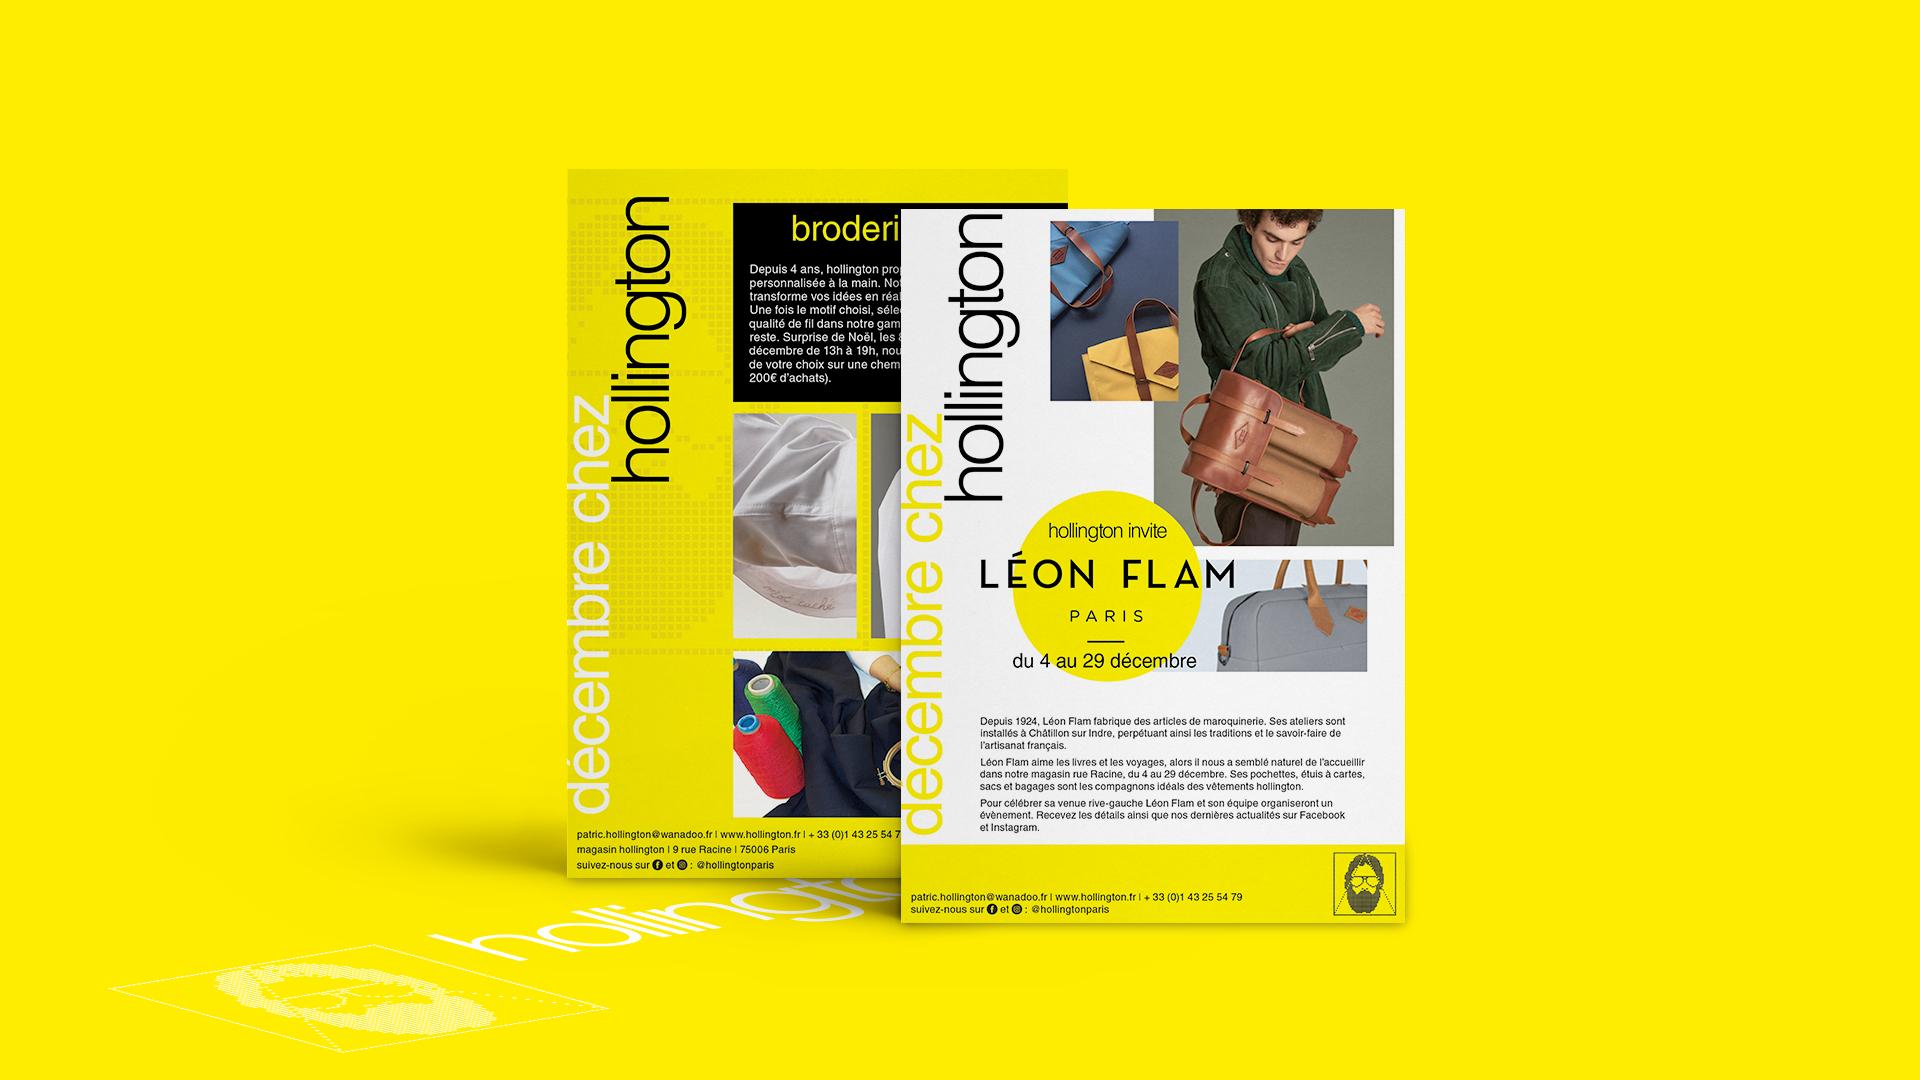 Flyer für eine Kooperationskollektion von der Lederwarenmarken Léon Flam und Hollington, sowie einer Stickereiaktion im Hollington Shop.